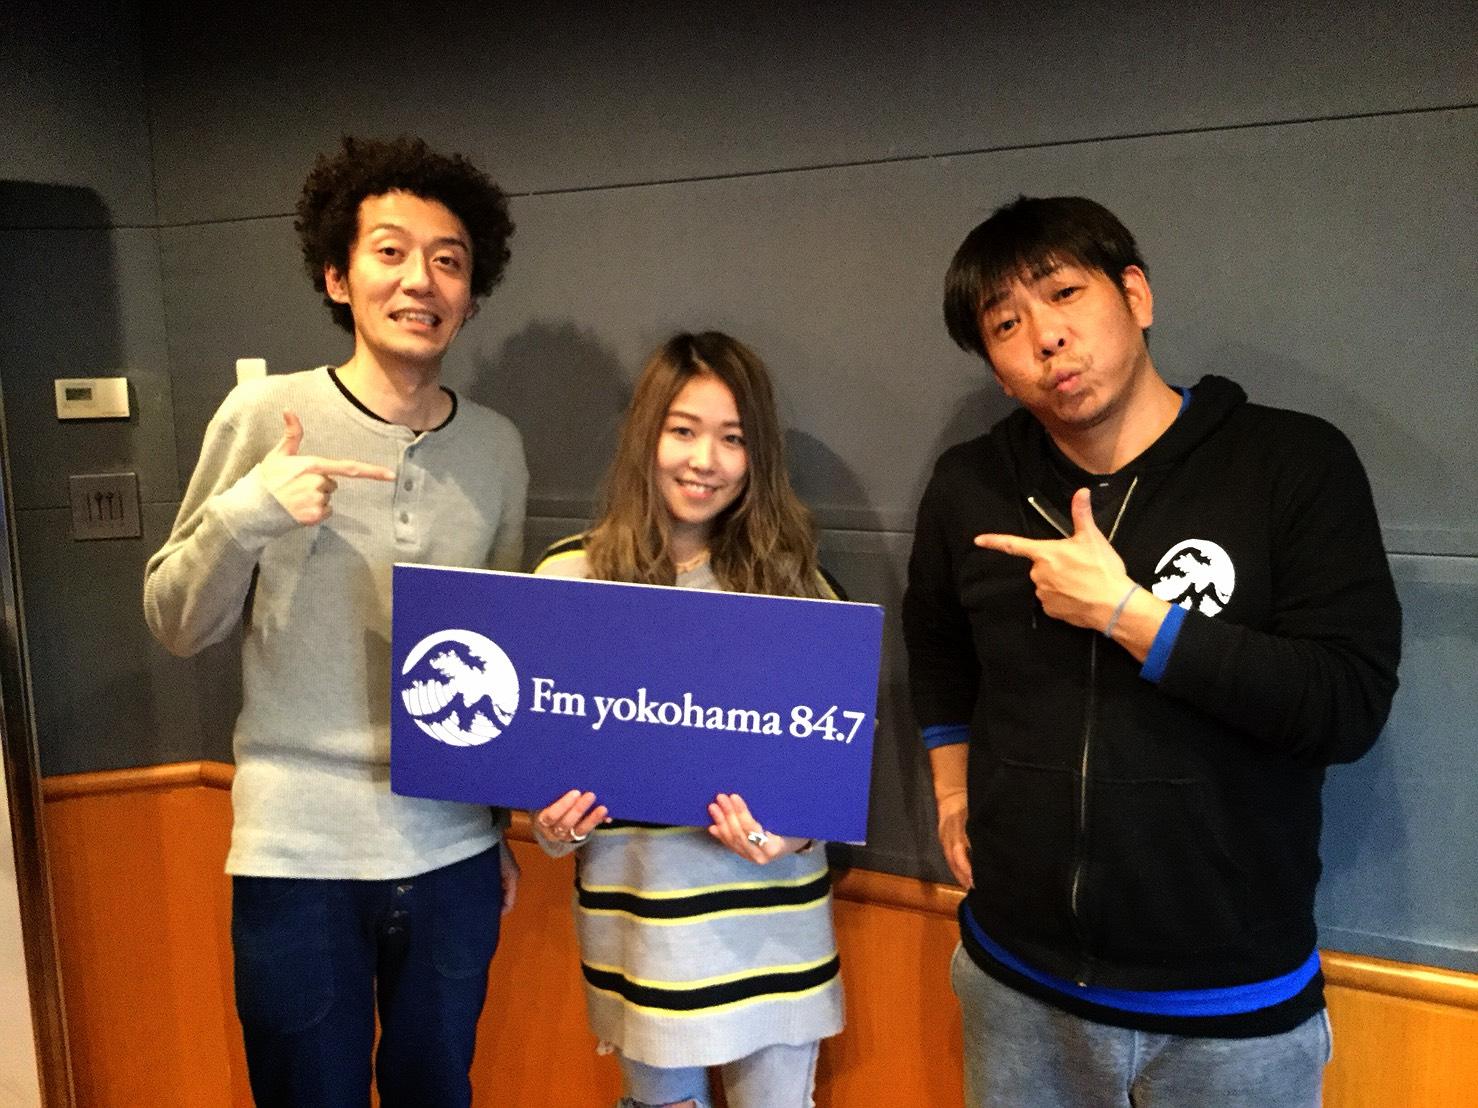 さく 画像 ちゃん 横浜 fm